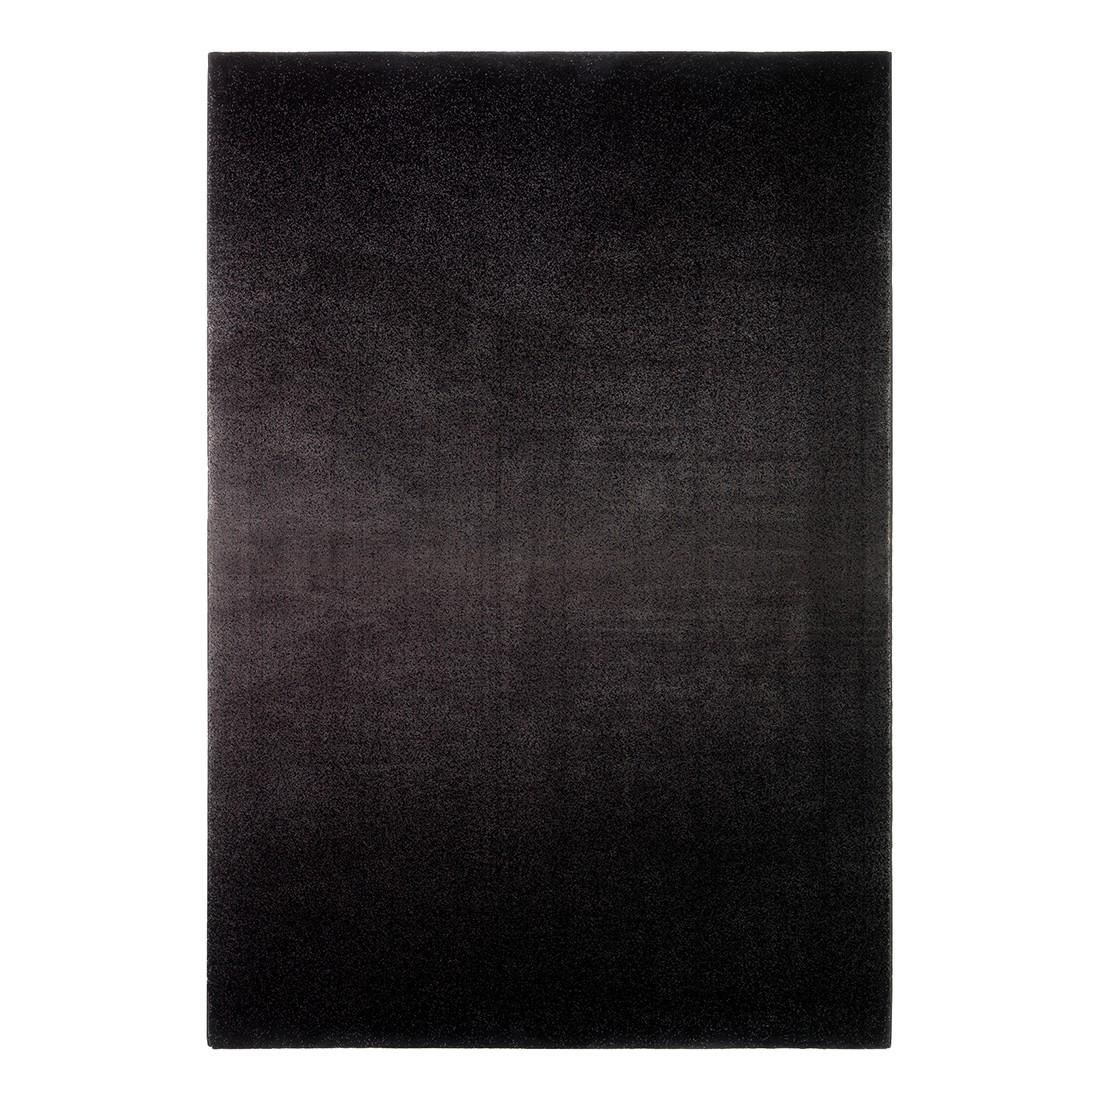 teppich richmond anthrazit 140 cm x 200 cm esprit home jetzt bestellen. Black Bedroom Furniture Sets. Home Design Ideas